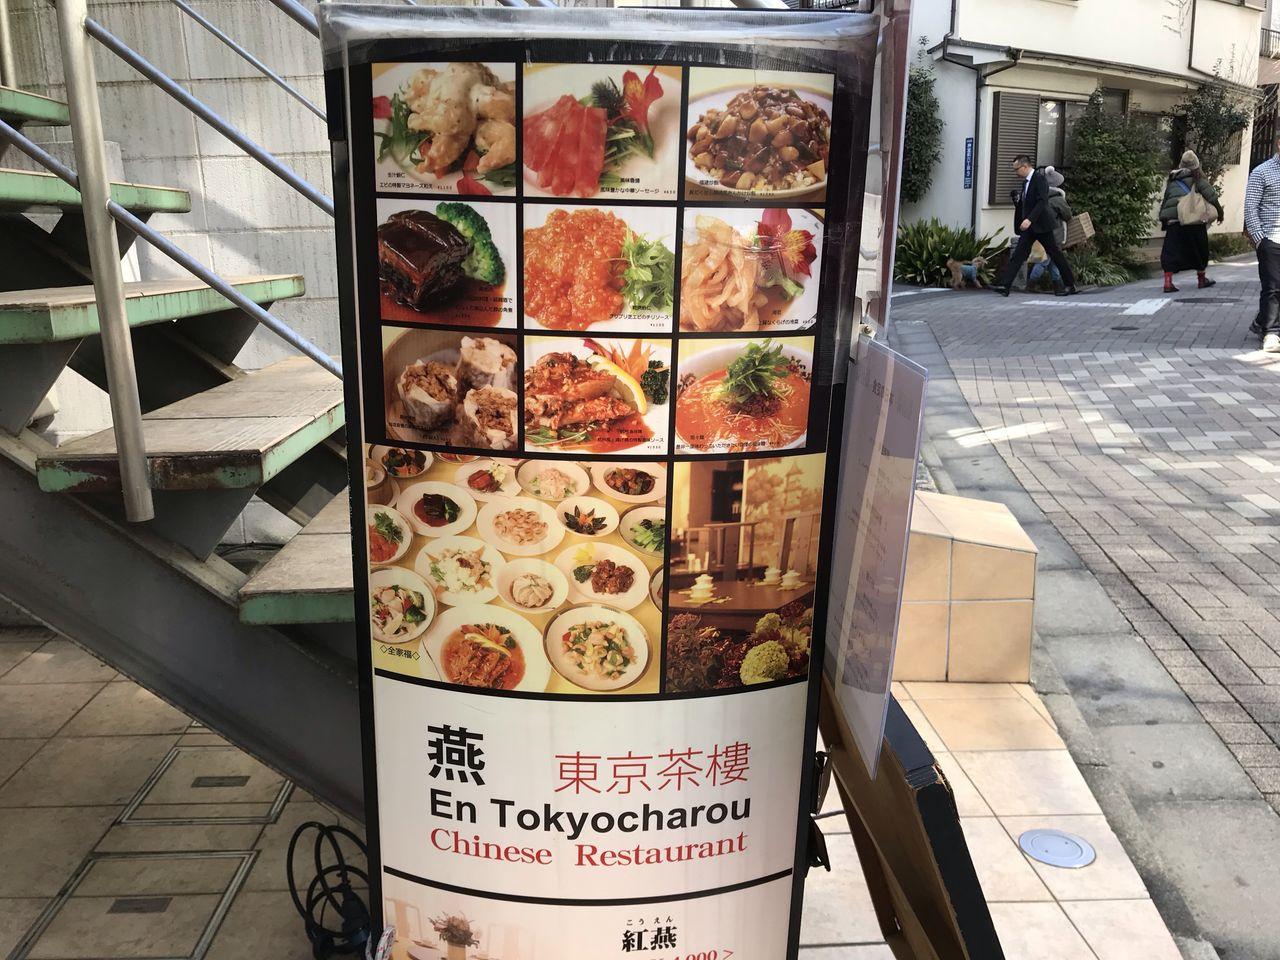 燕 東京茶楼 外観